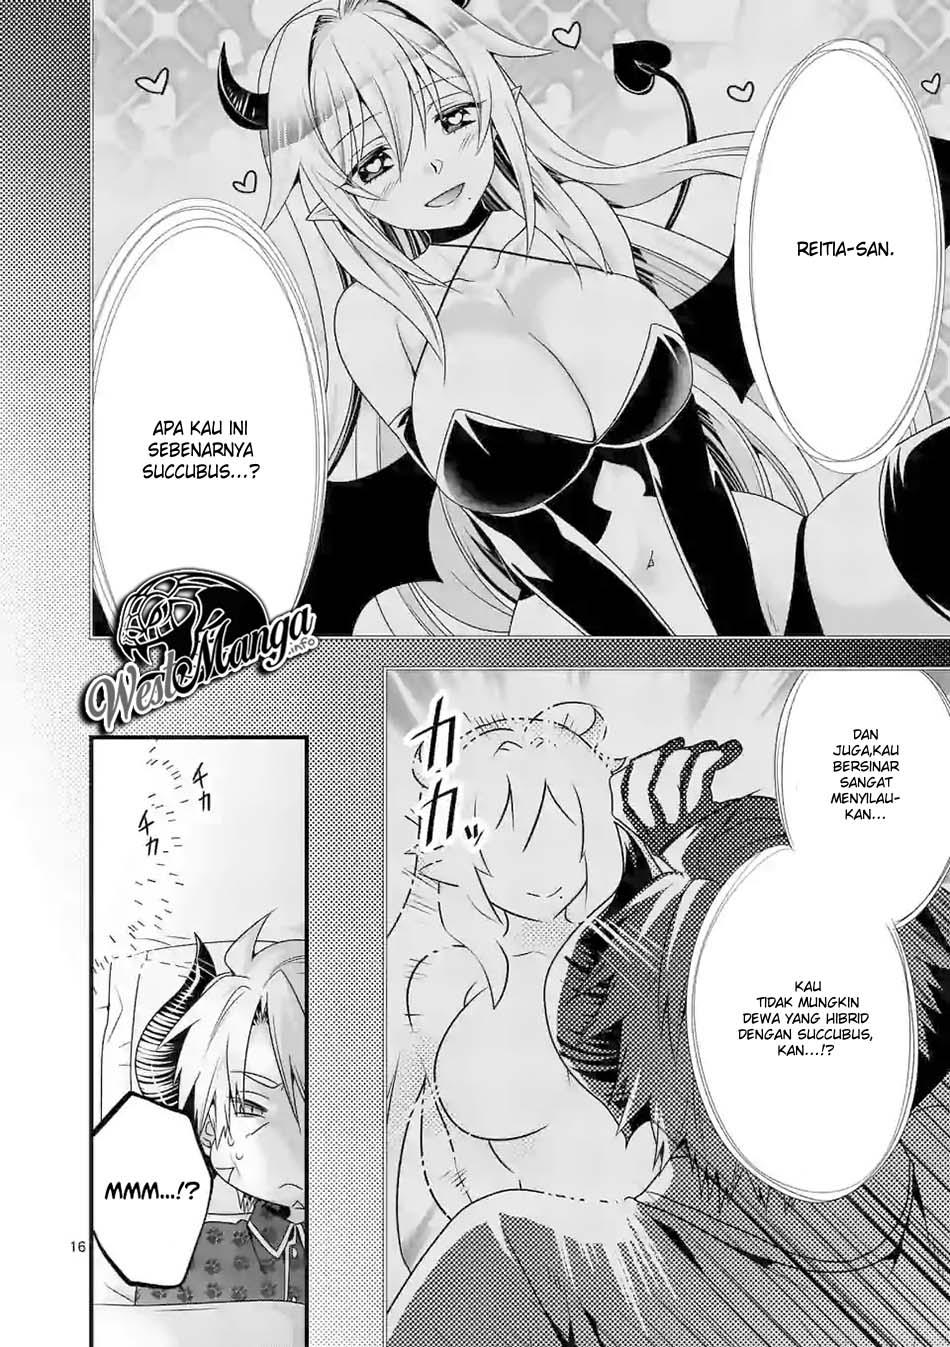 Maou desu Onna Yuusha no Hahaoya to Saikon Shita no de Onna Yuusha ga Giri no Musume ni Narimashita: Chapter 30 - Page 17